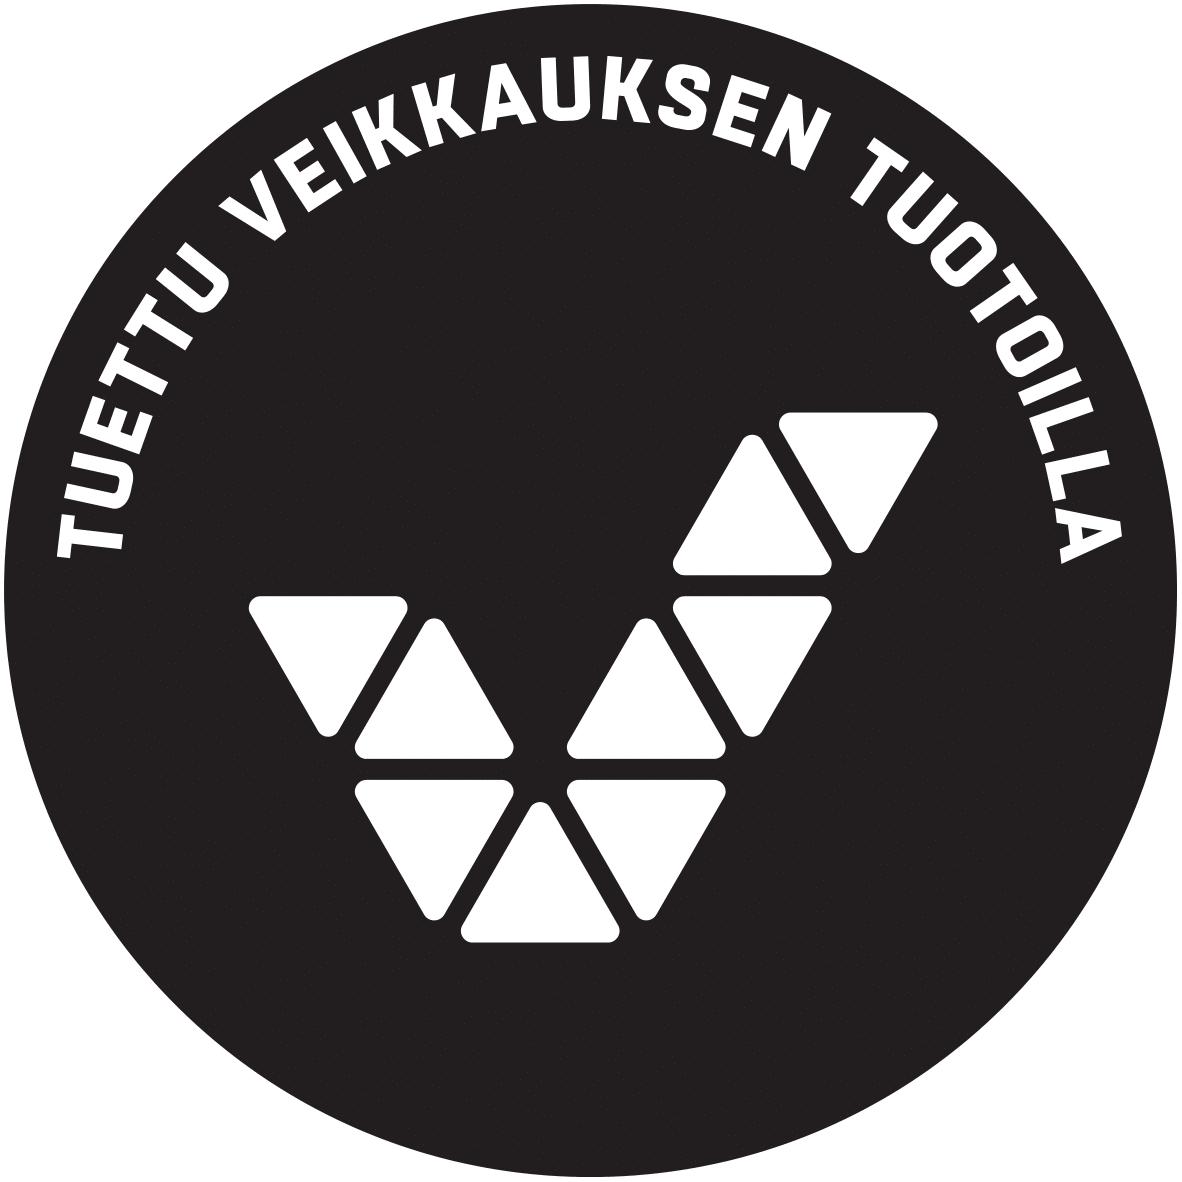 Tuettu_Veikkauksen_tuotoilla_TUNNUS_Musta-1